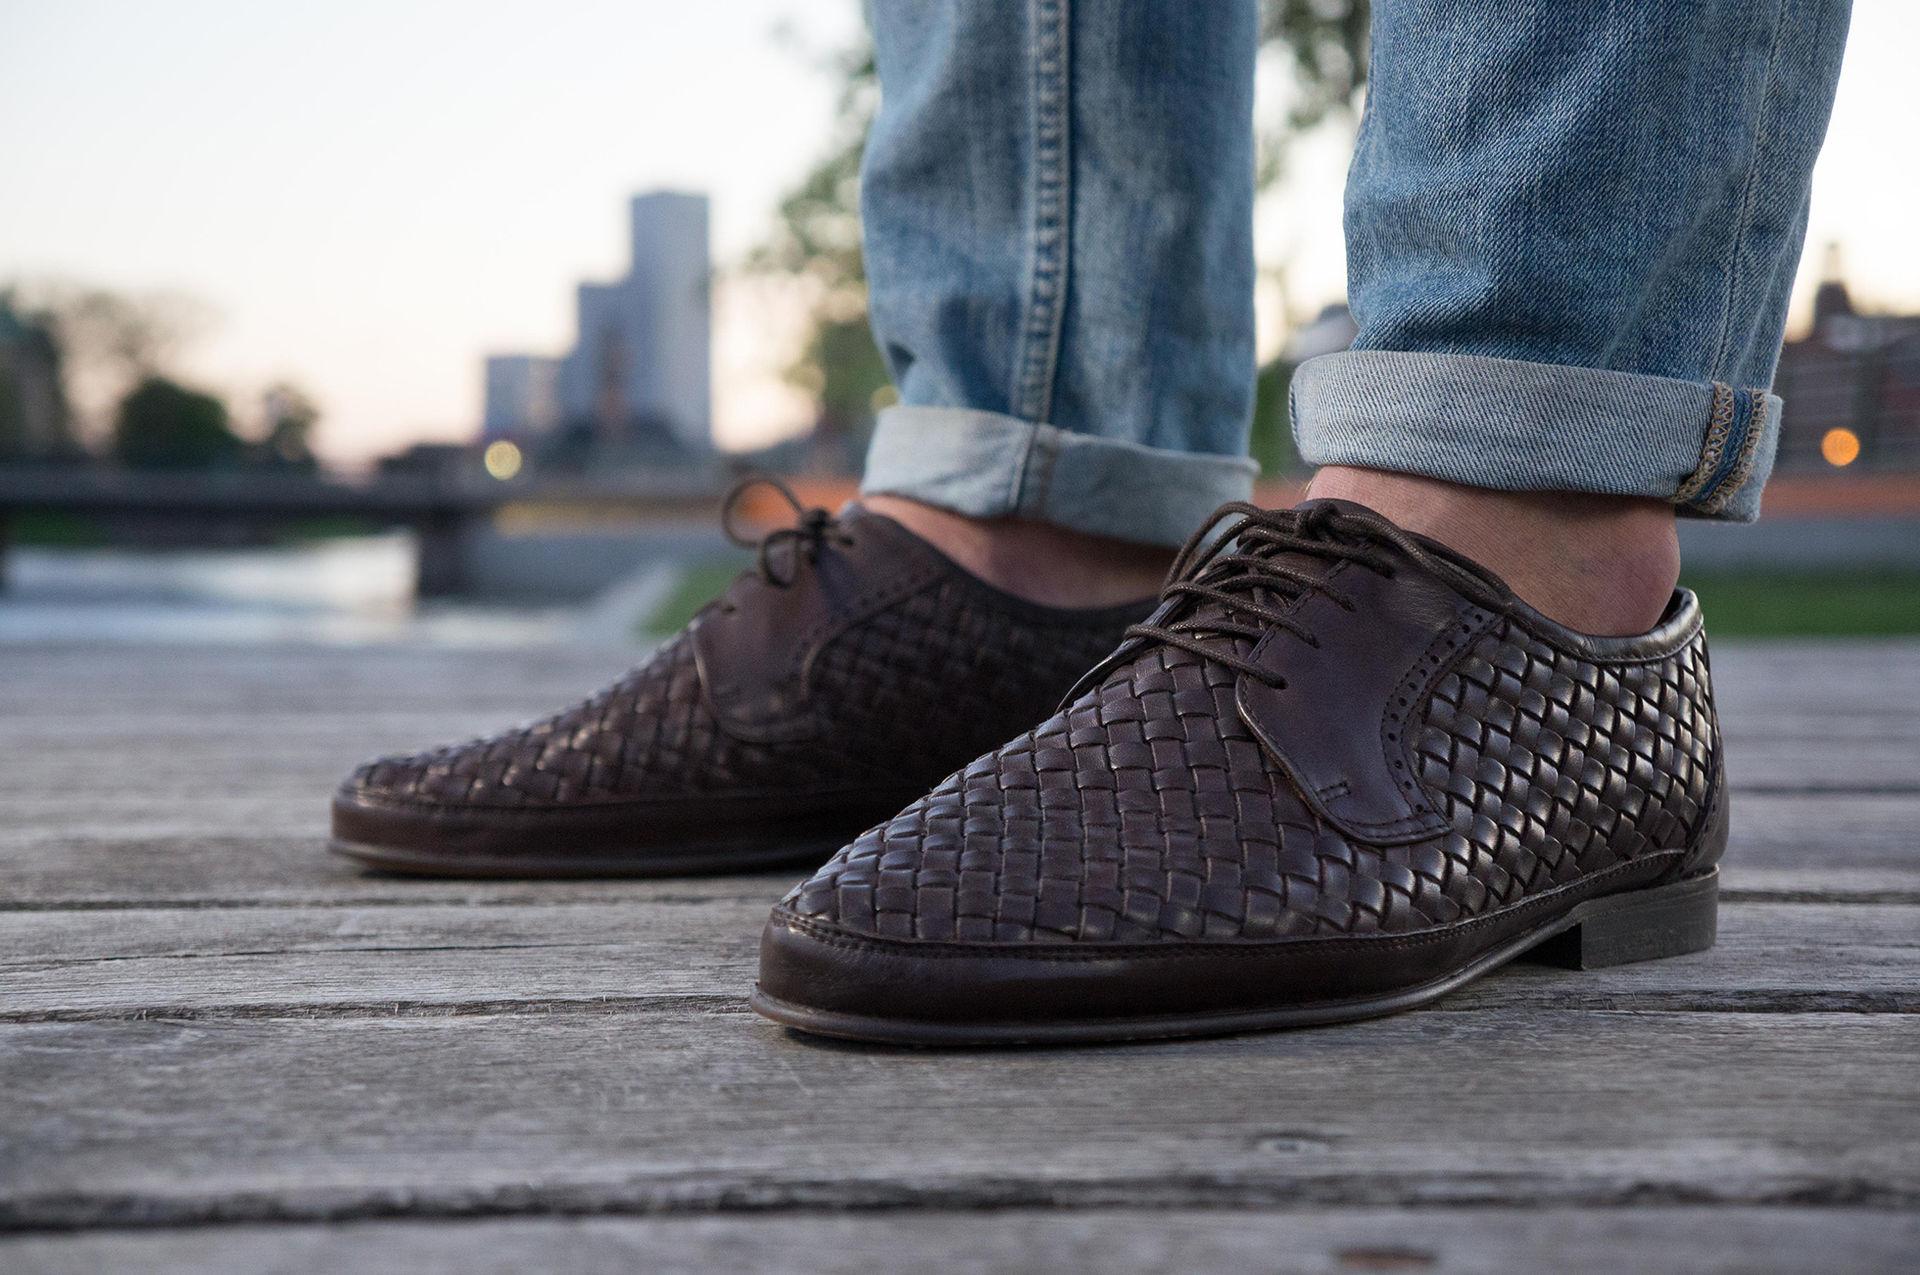 Farfars skor inspirerade till att skapa Einar